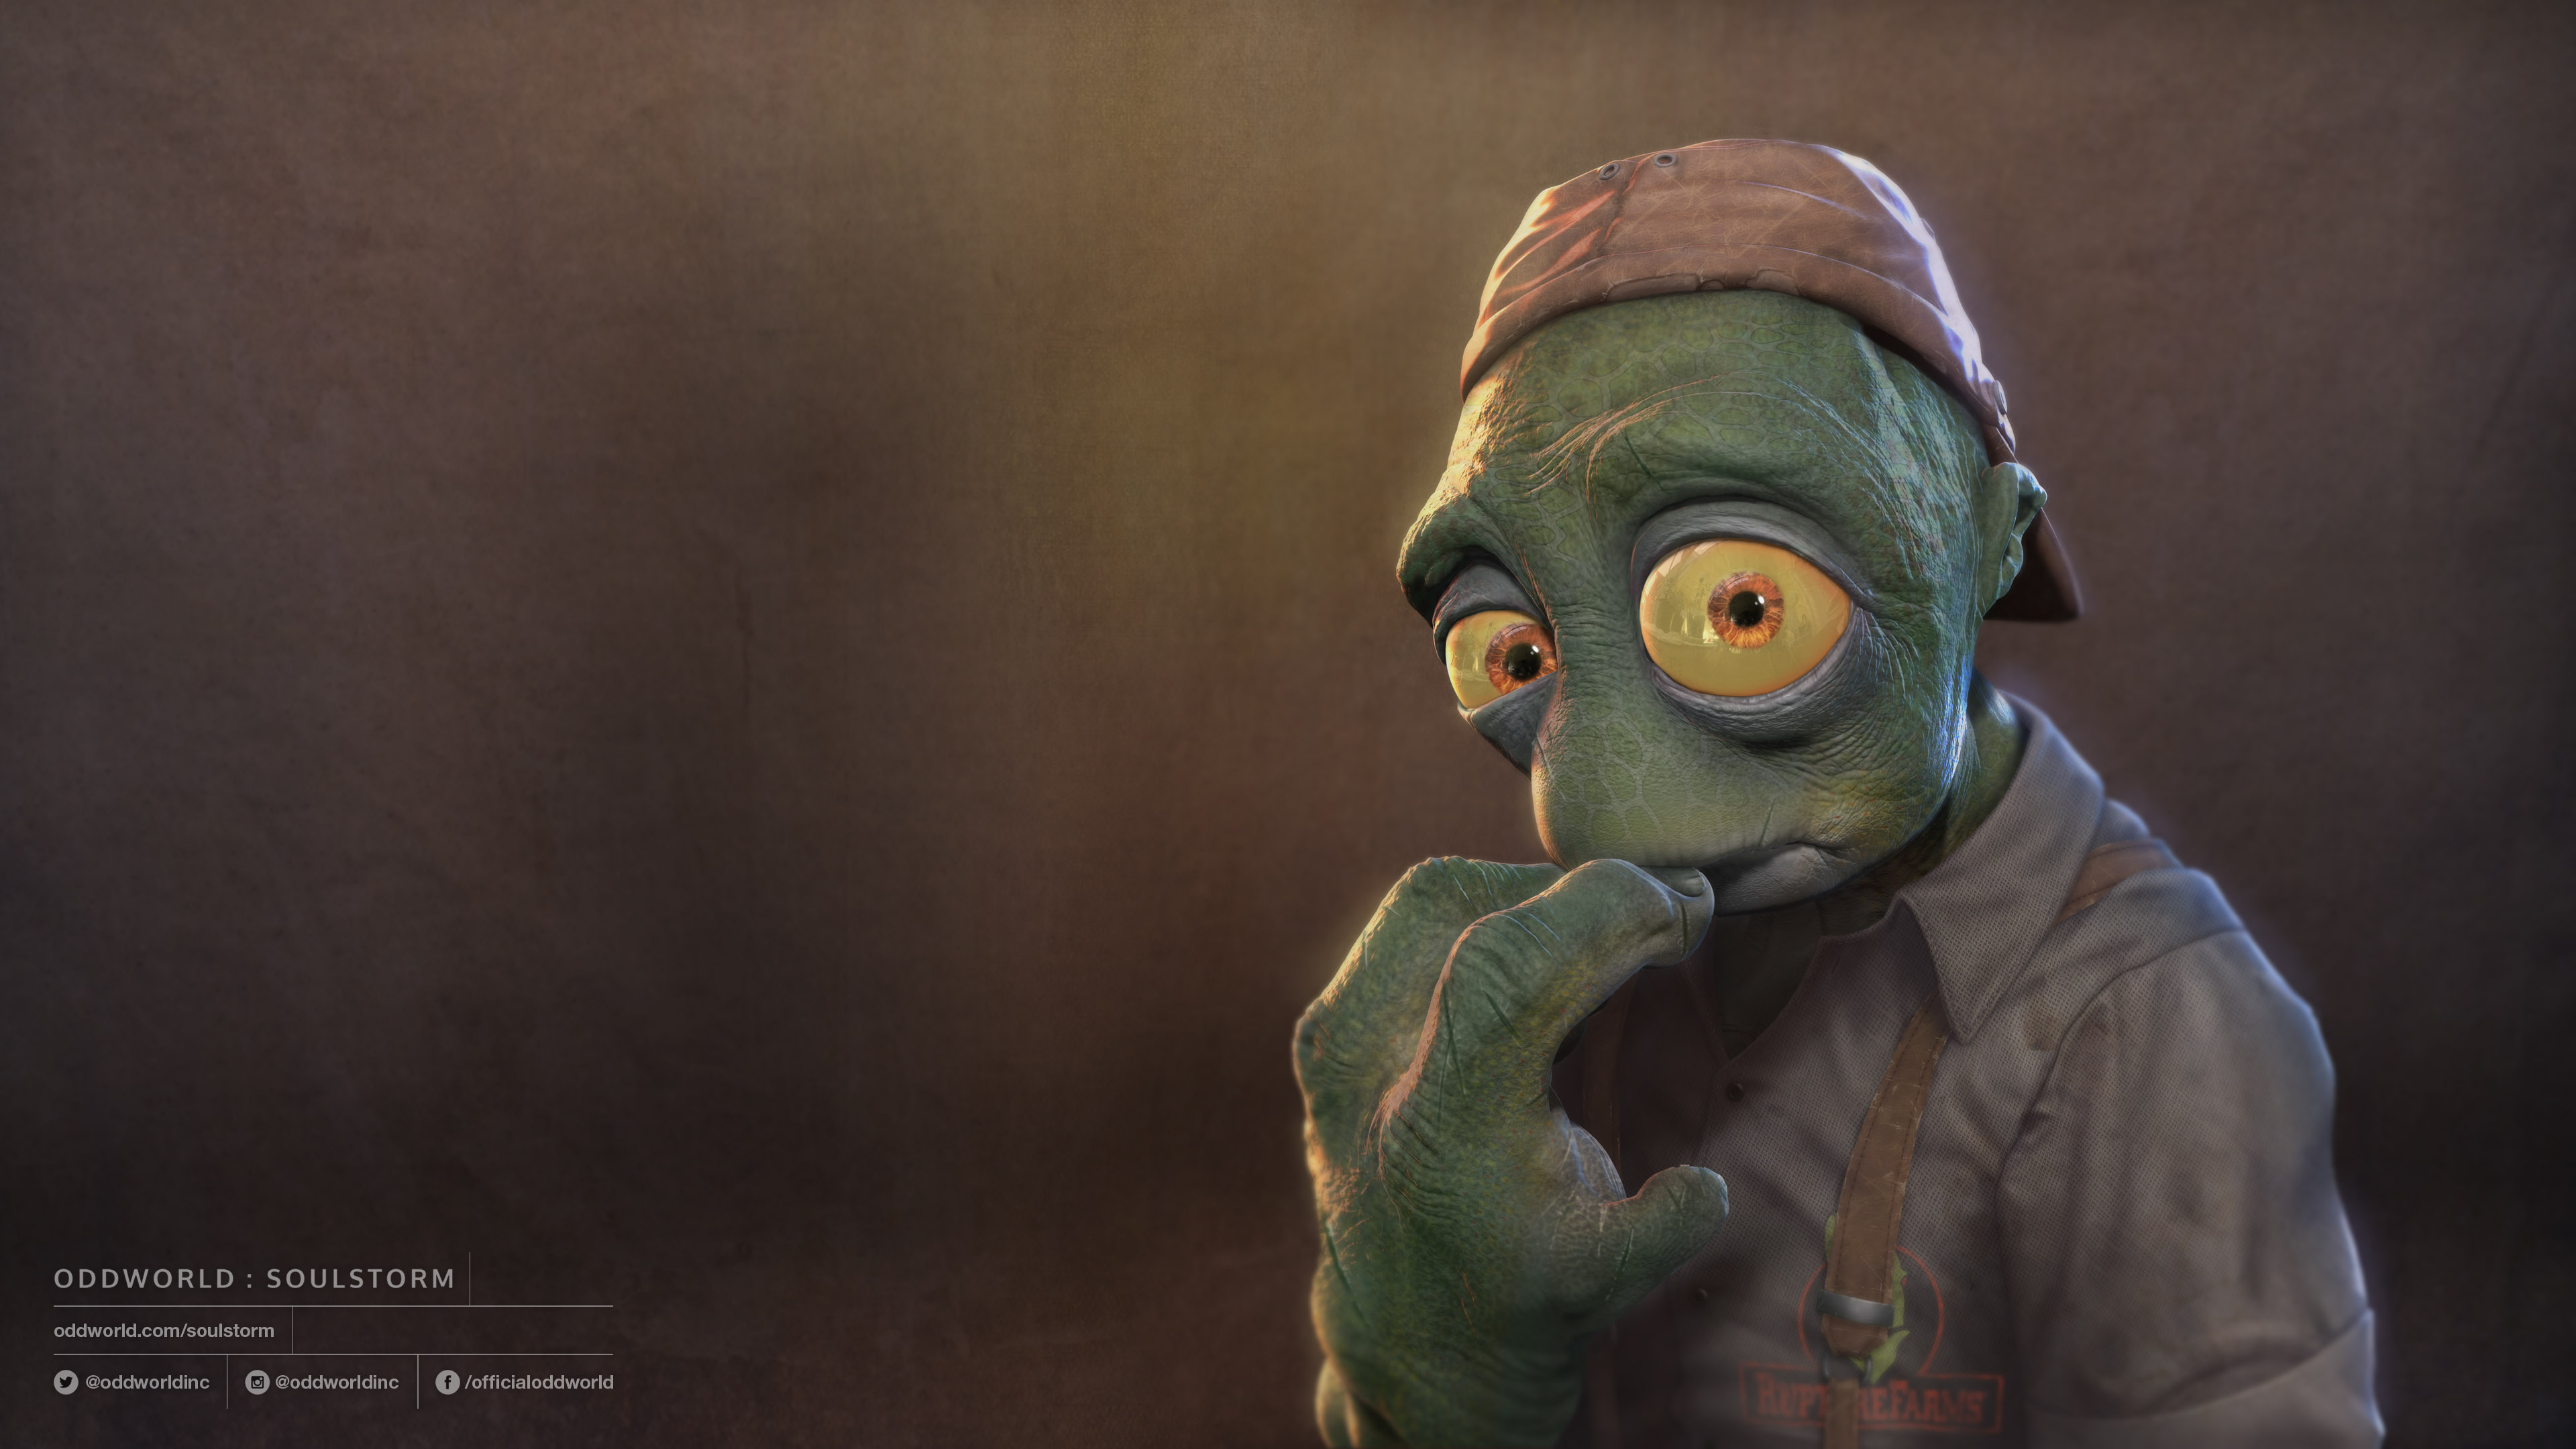 Mudokon: Toby - Oddworld: Soulstorm 4K